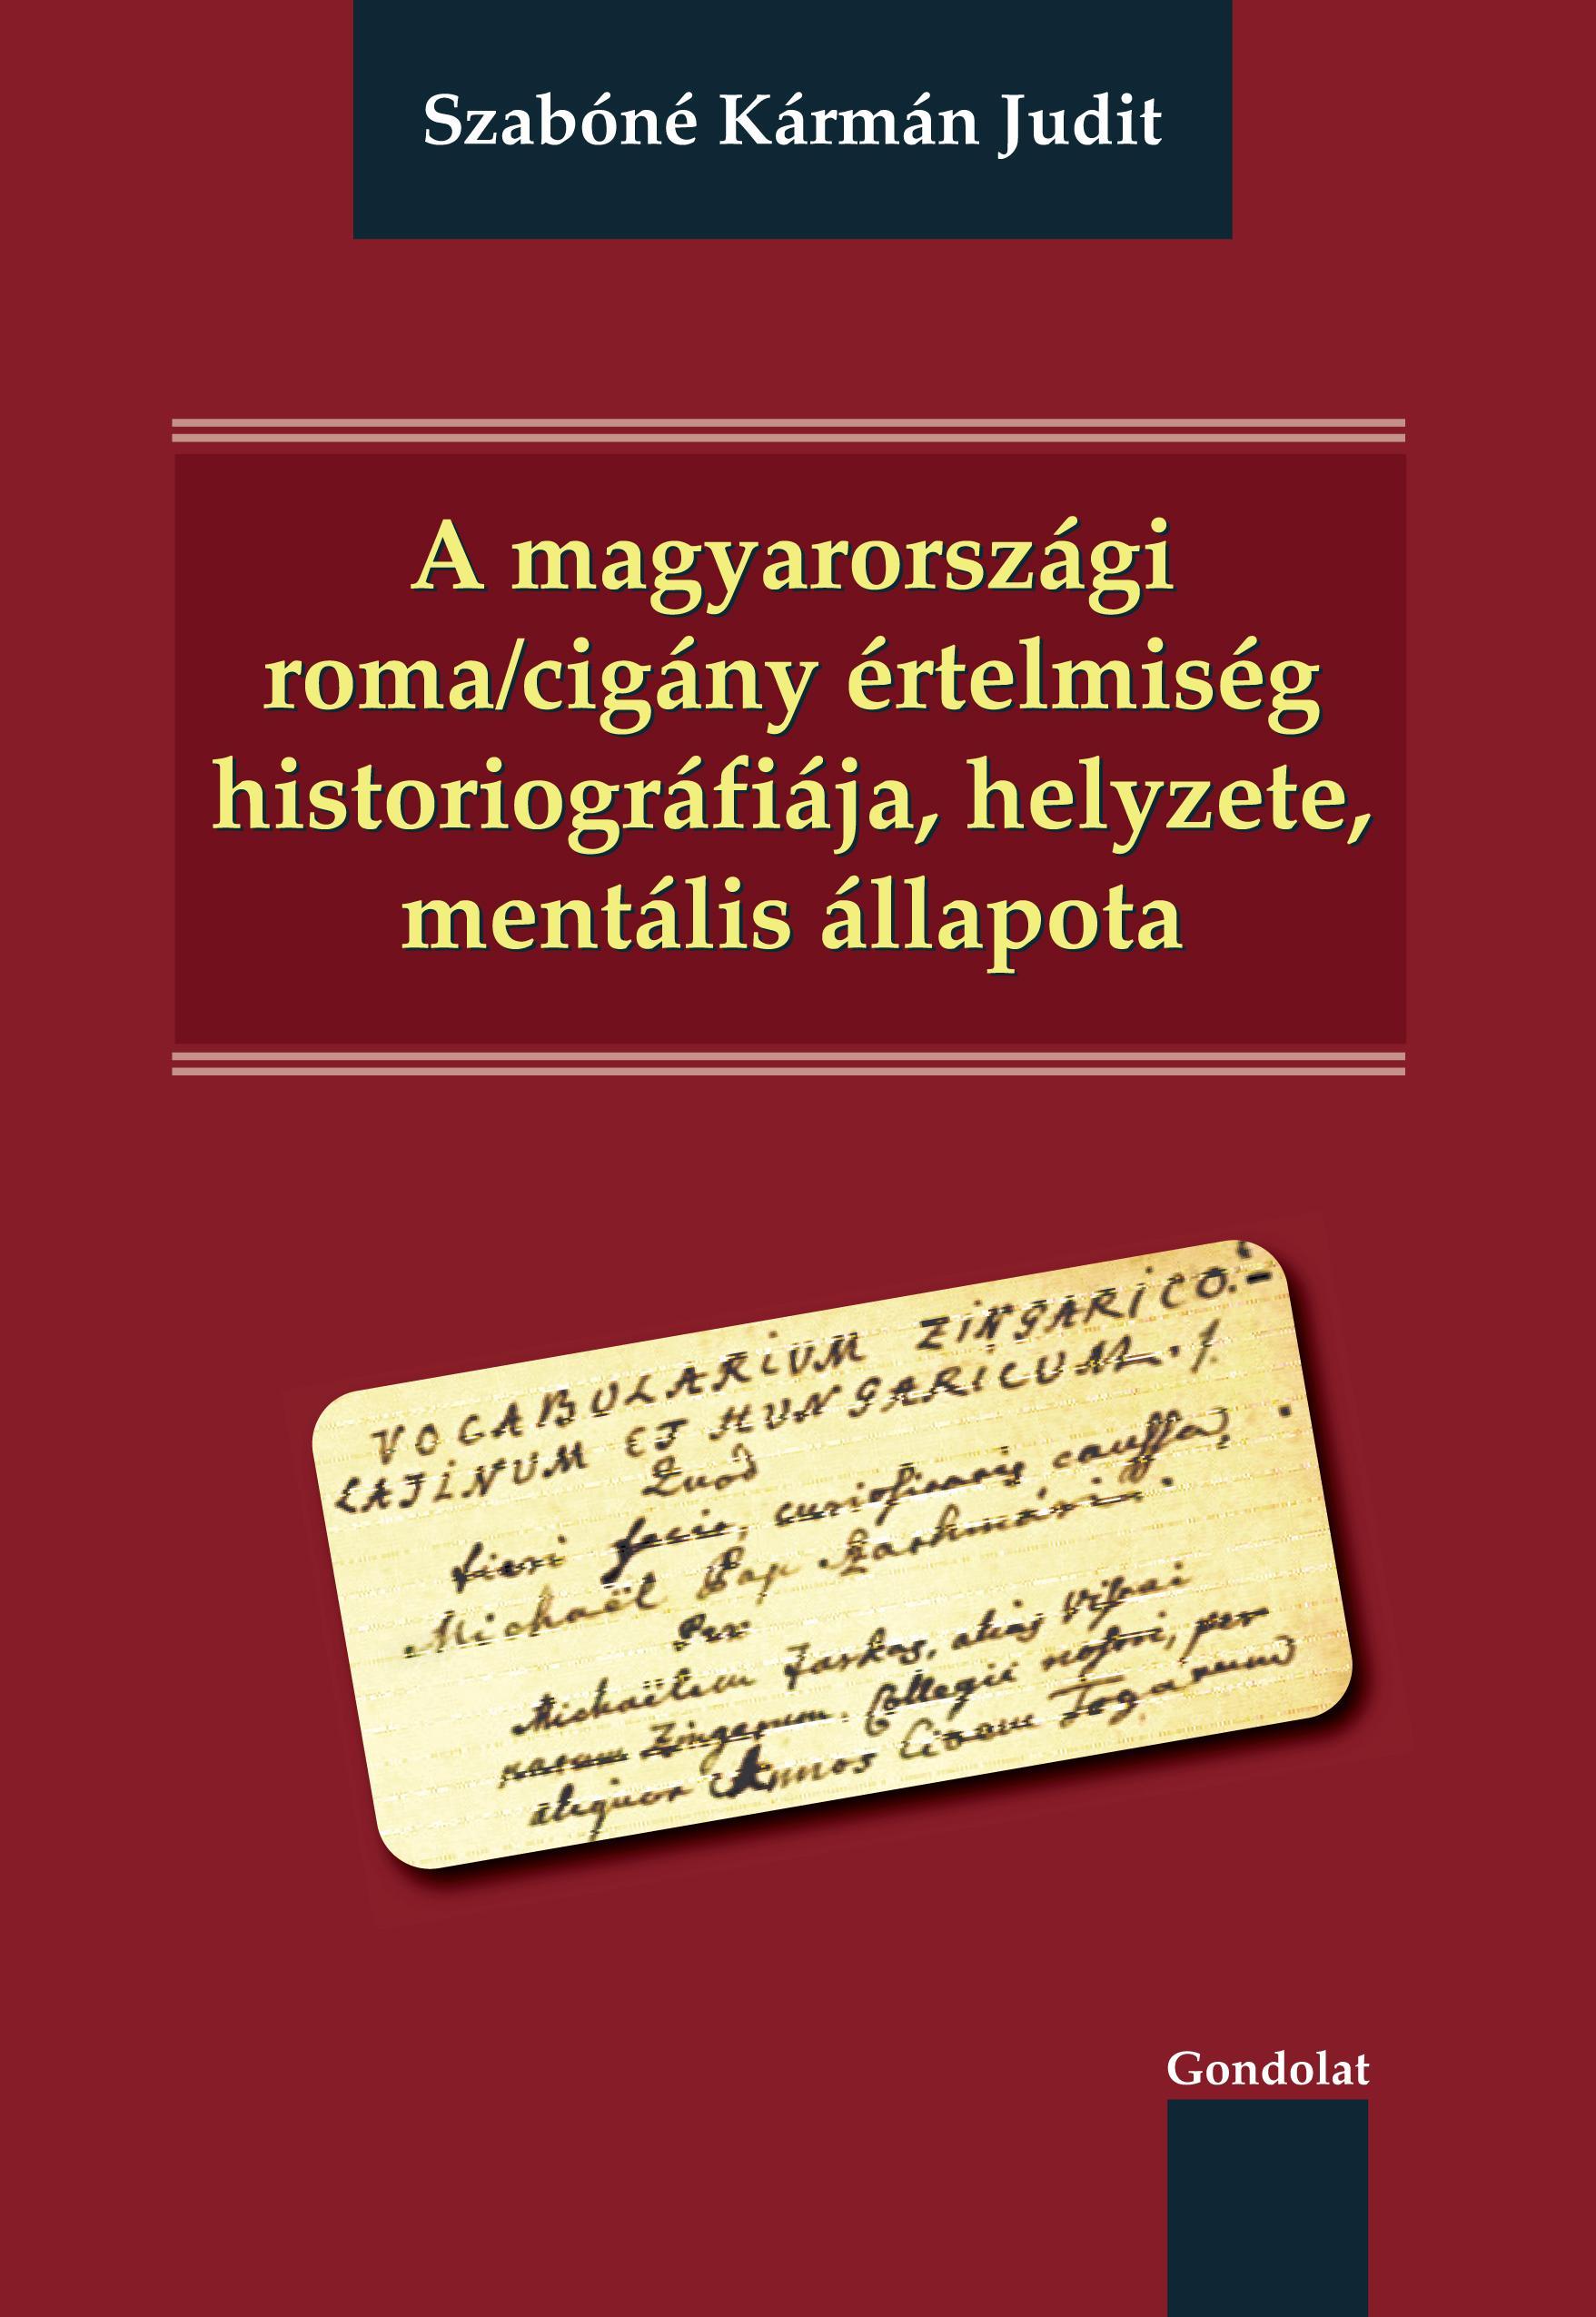 A MAGYARORSZÁGI ROMA/CIGÁNY ÉRTELMISÉG HISTORIOGRÁFIÁJA, HELYZETE, MENTÁLIS ÁLLA